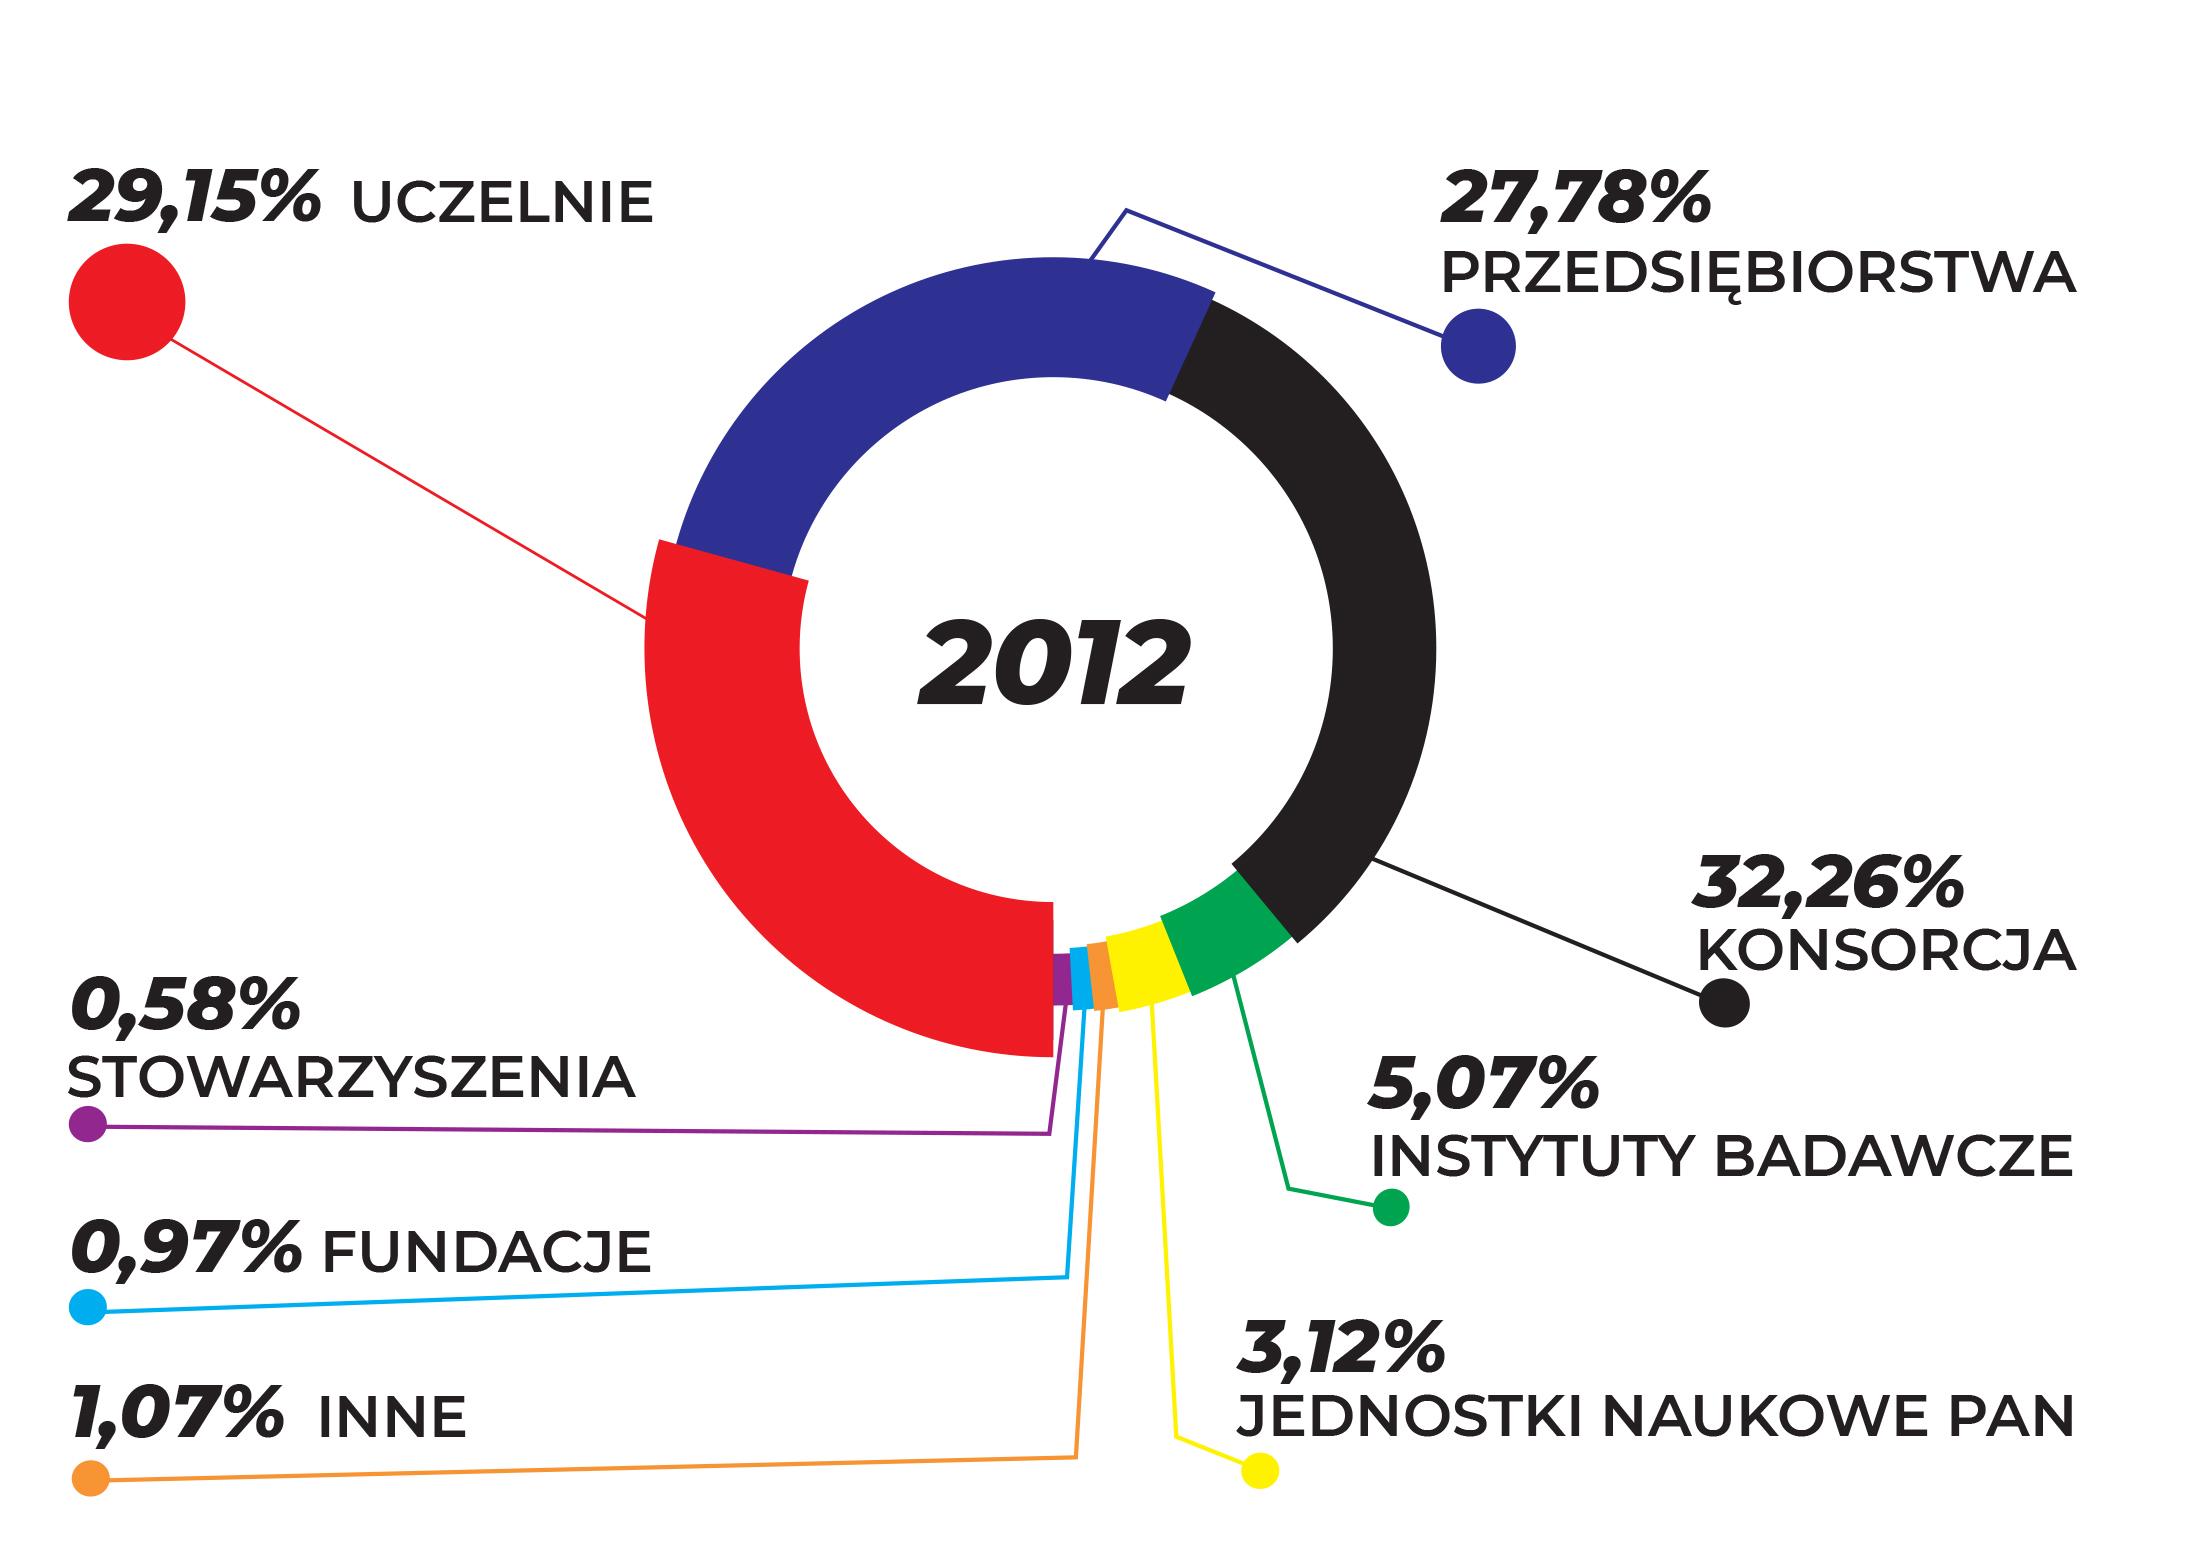 WYKRES PRZEDSTAWIA UDZIAŁ BENEFICJENTÓW W OGÓLNEJ LICZBIE UMÓW W ZALEŻNOŚCI OD FORMY PRAWNEJ W ROKU 2012